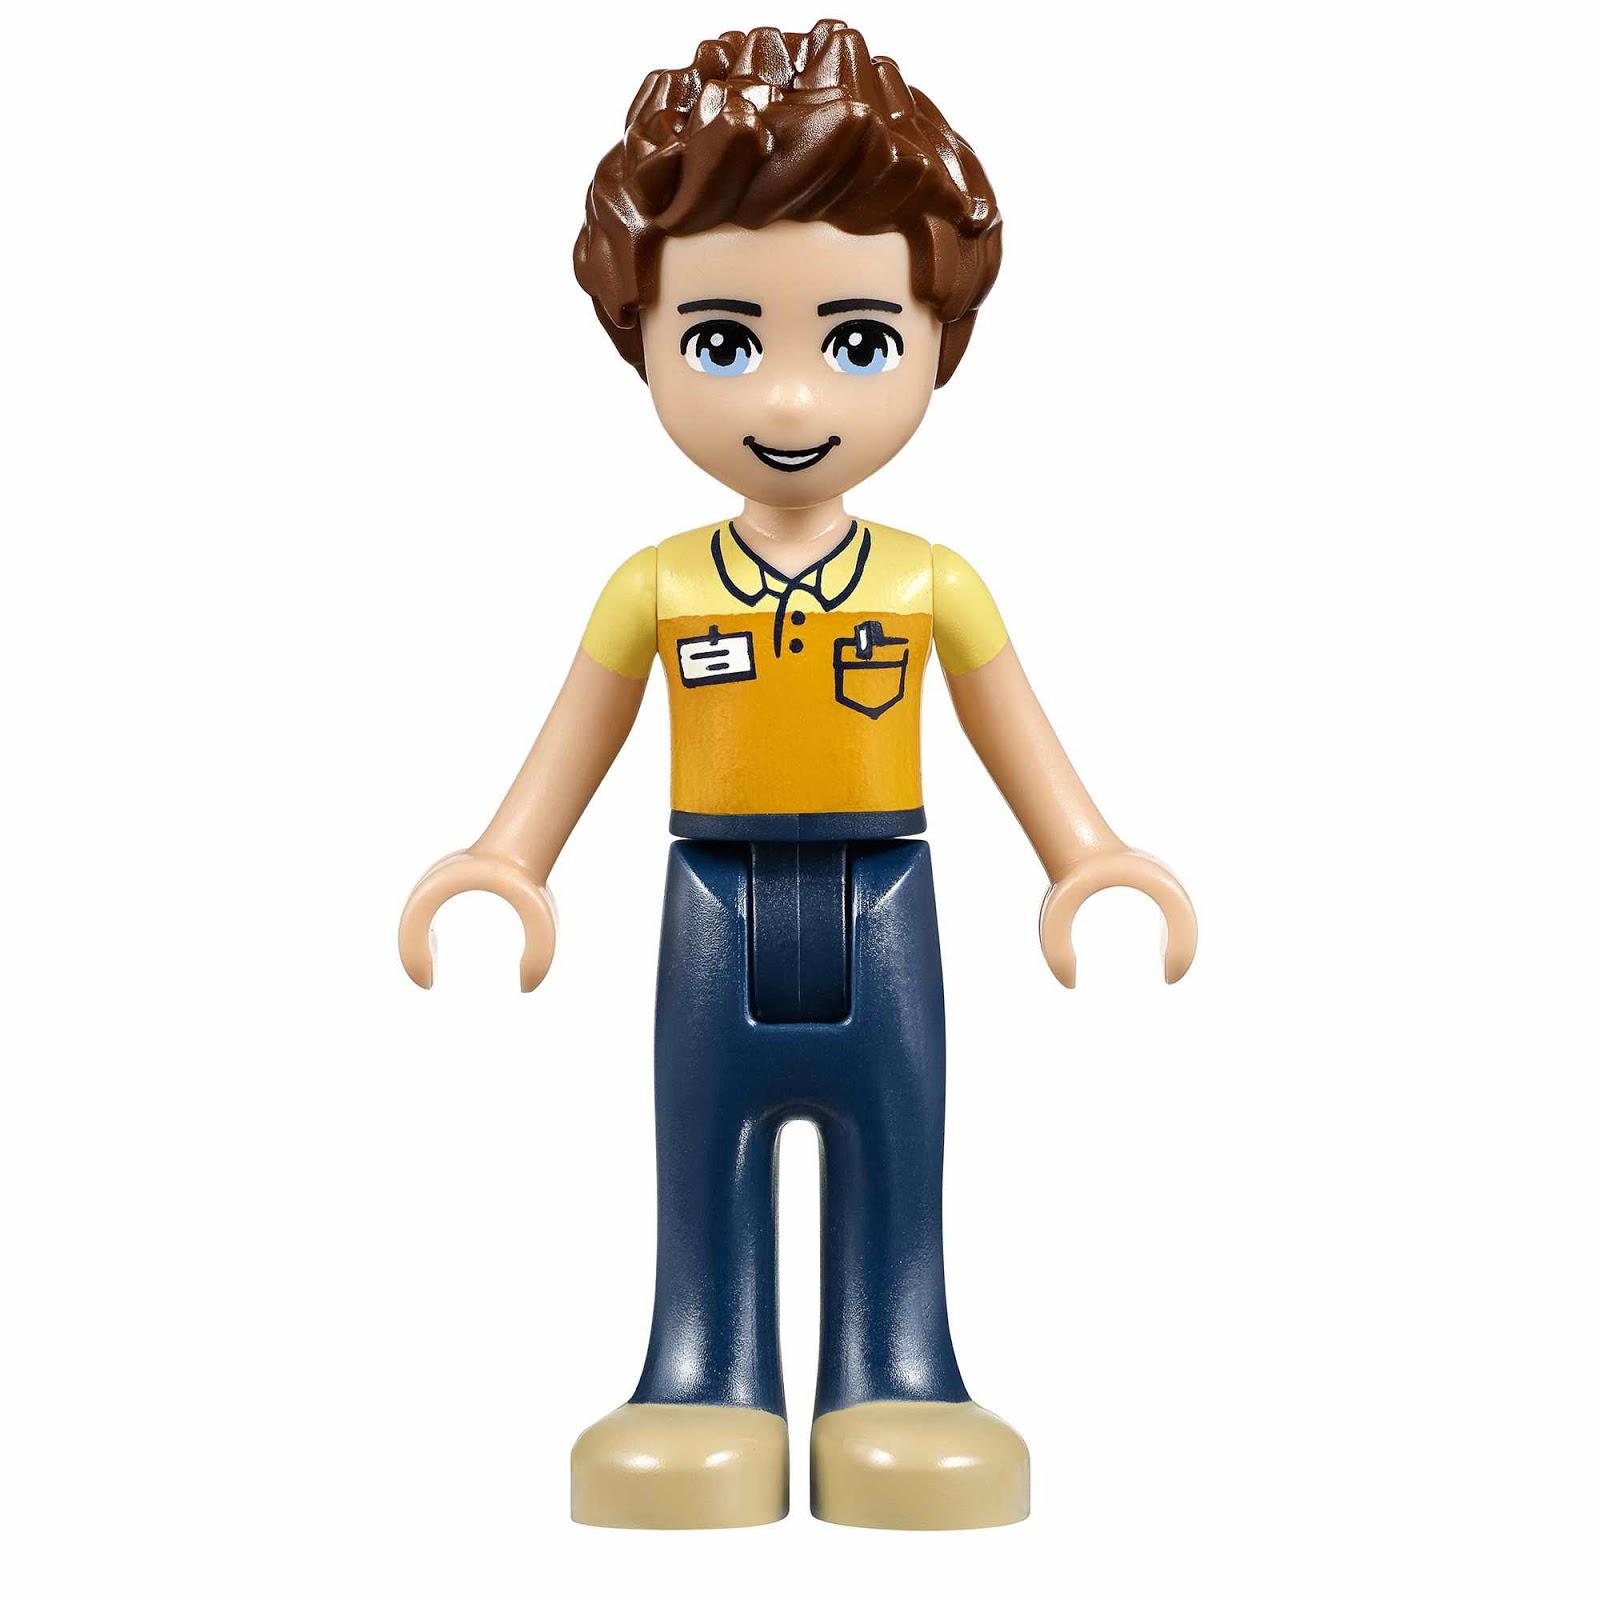 Daniel Lego Friends Wiki Fandom Powered By Wikia